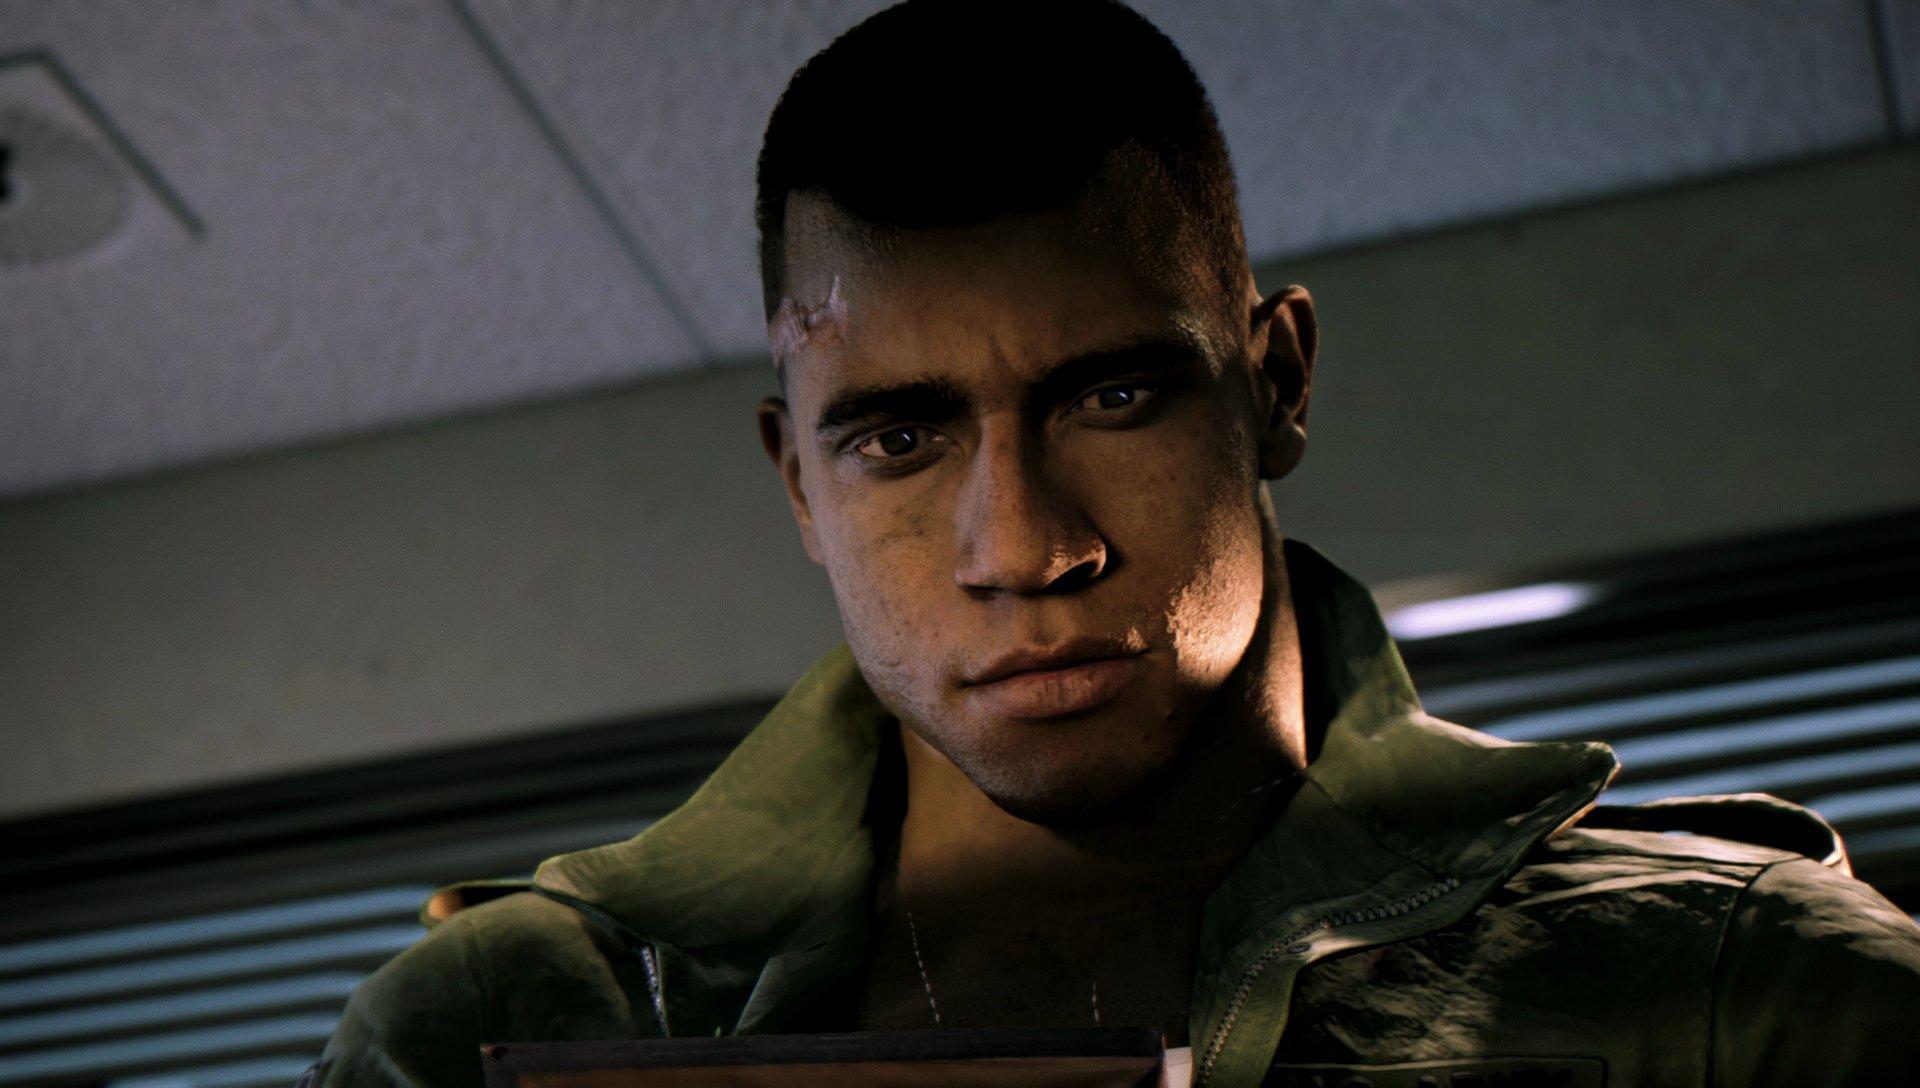 Super gameplay extendido de Mafia 3